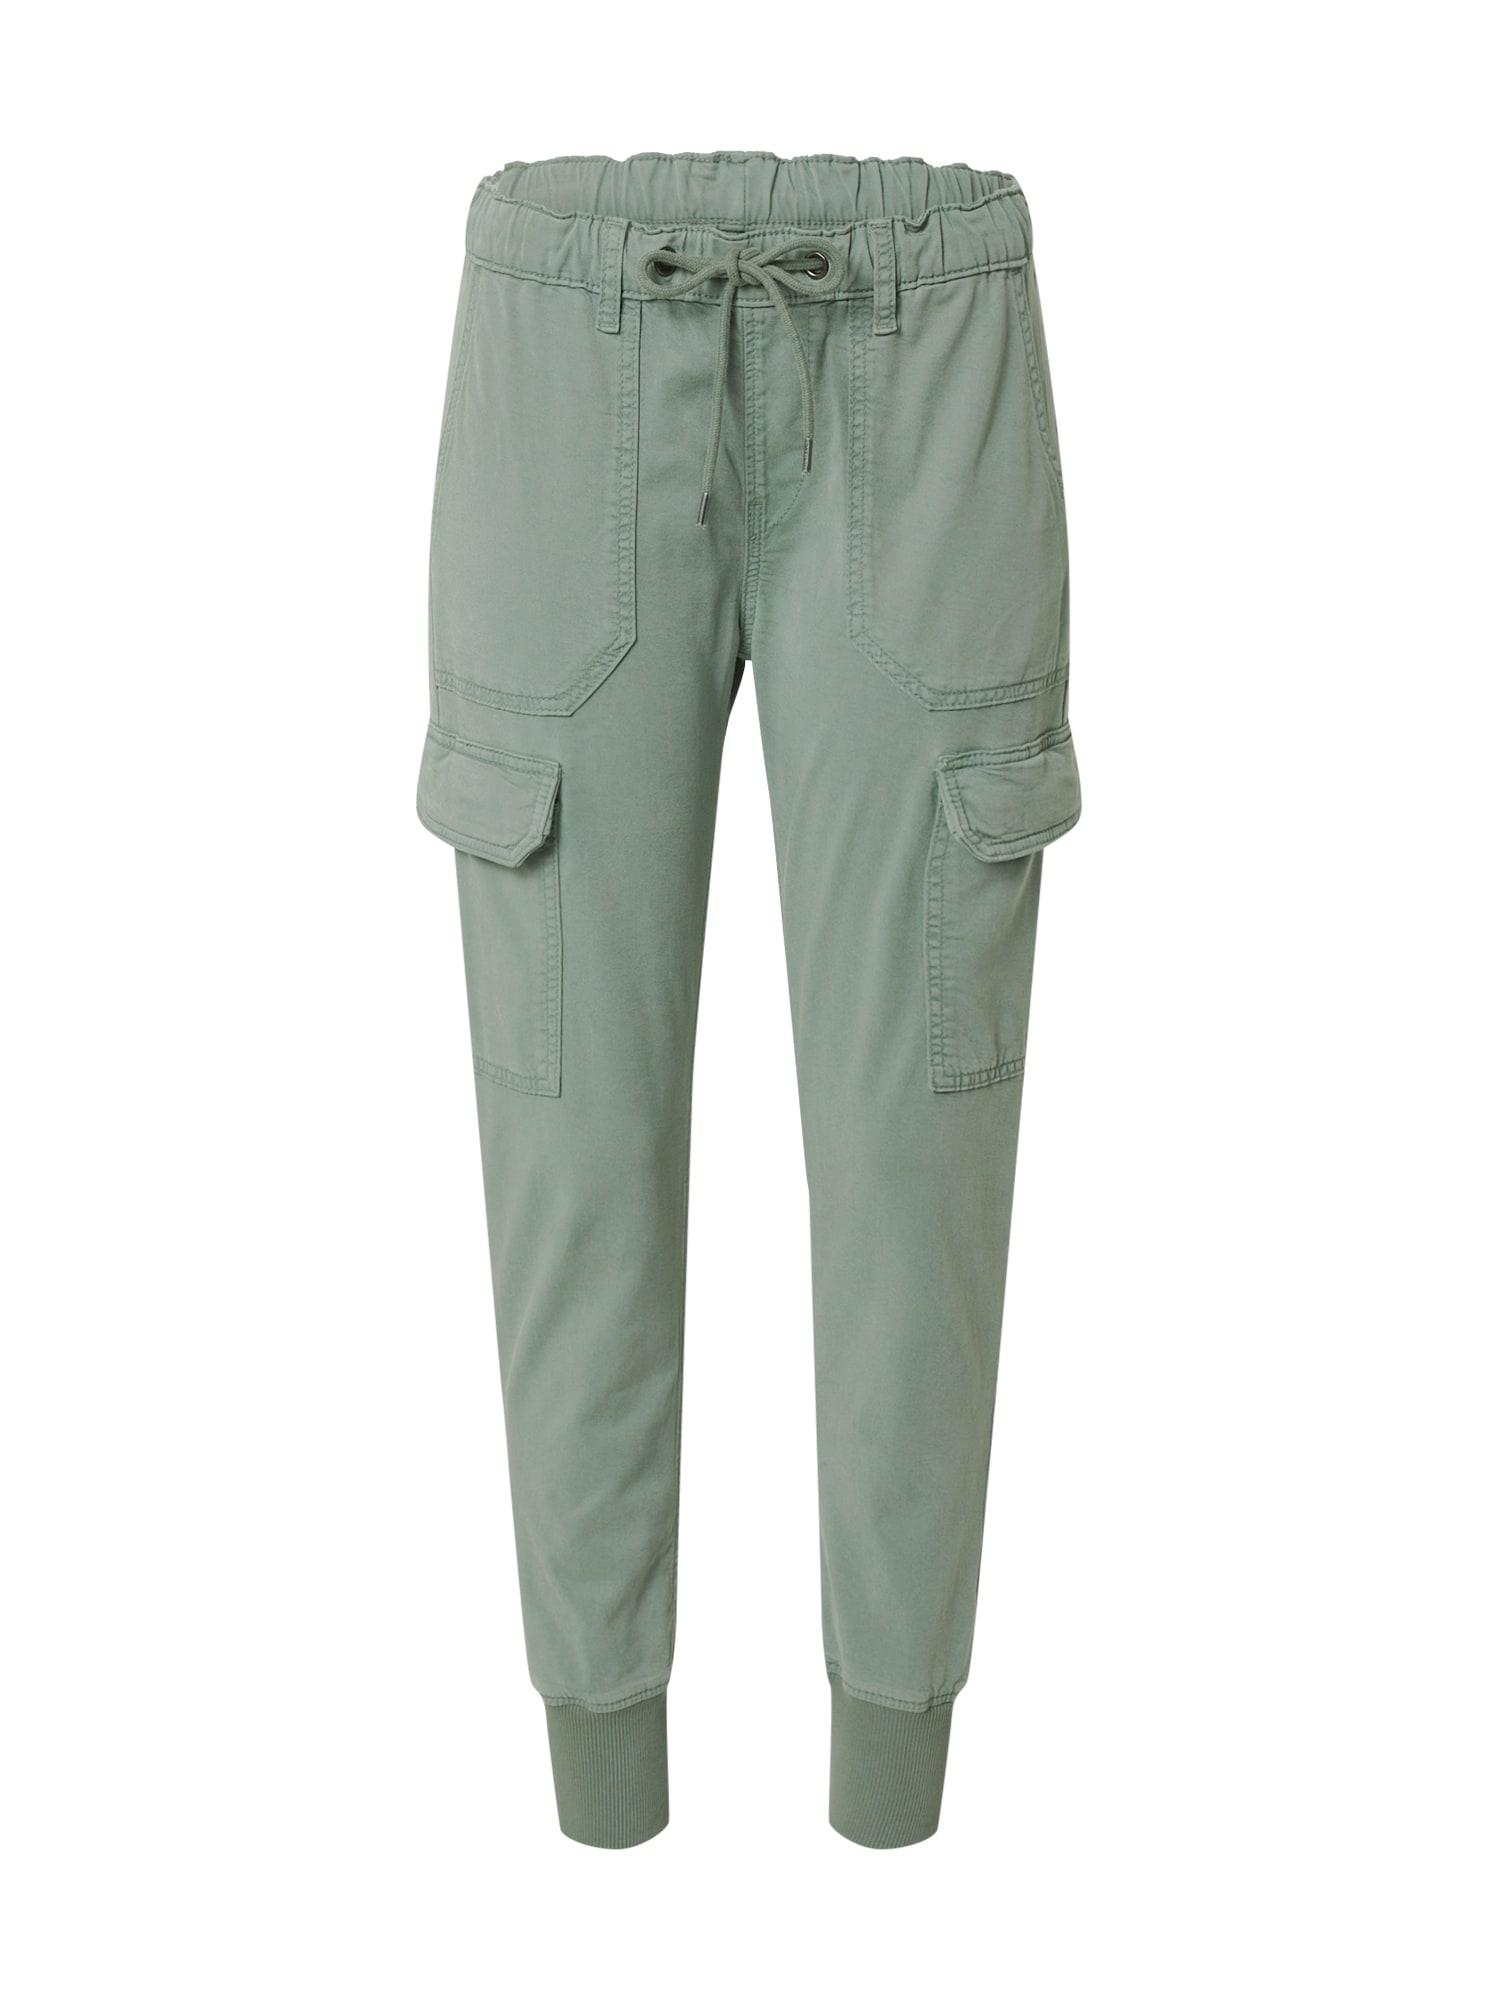 Pepe Jeans Darbinio stiliaus džinsai 'CRUSADE' pastelinė žalia